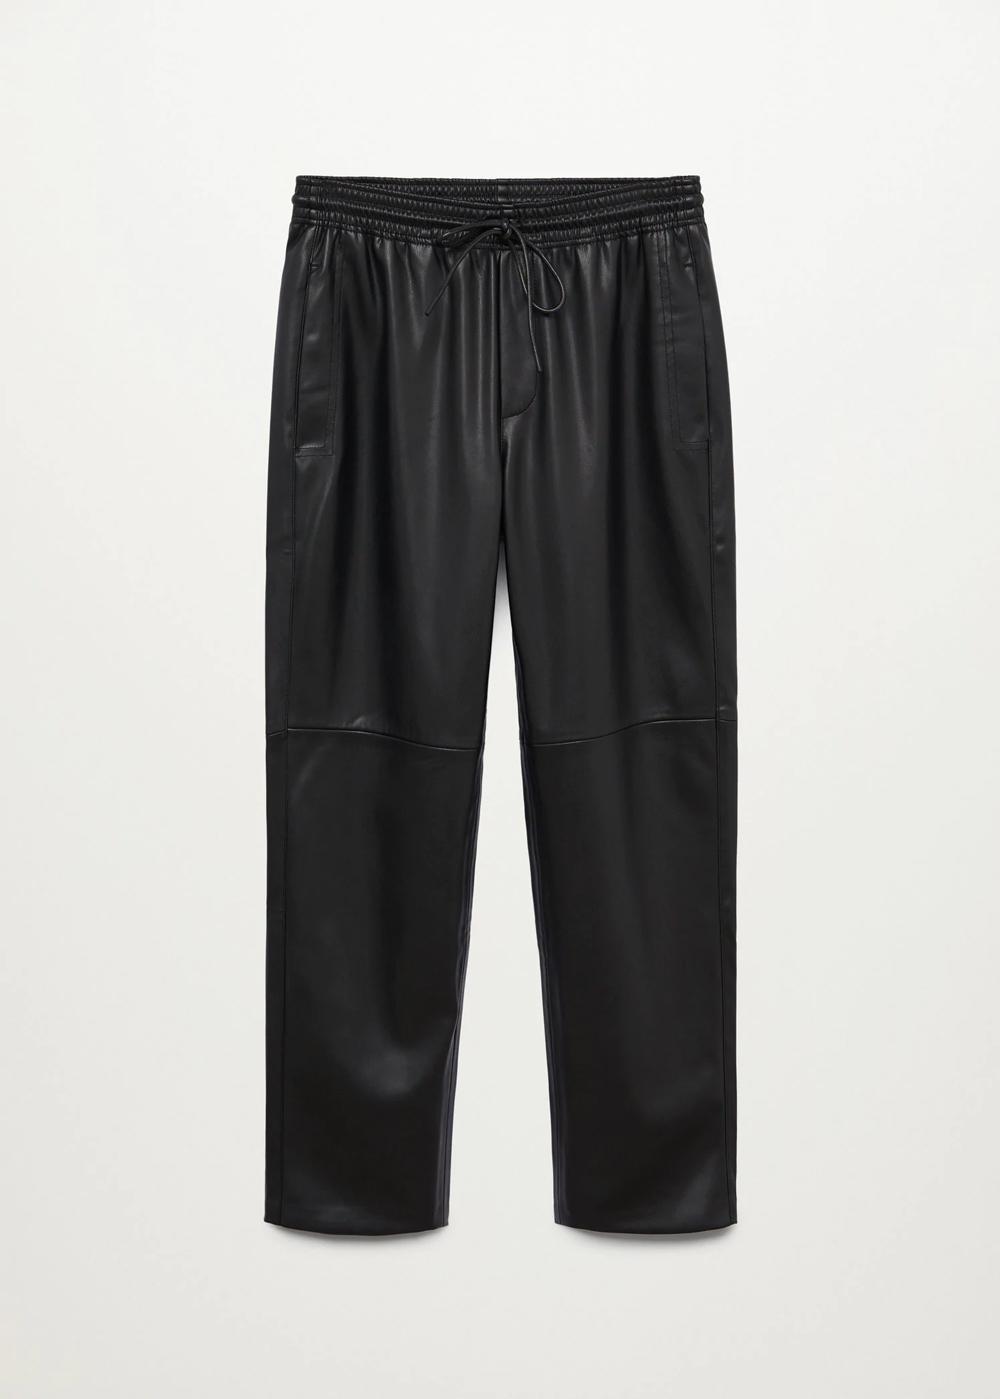 Mango kožne hlače jogger model 2021.